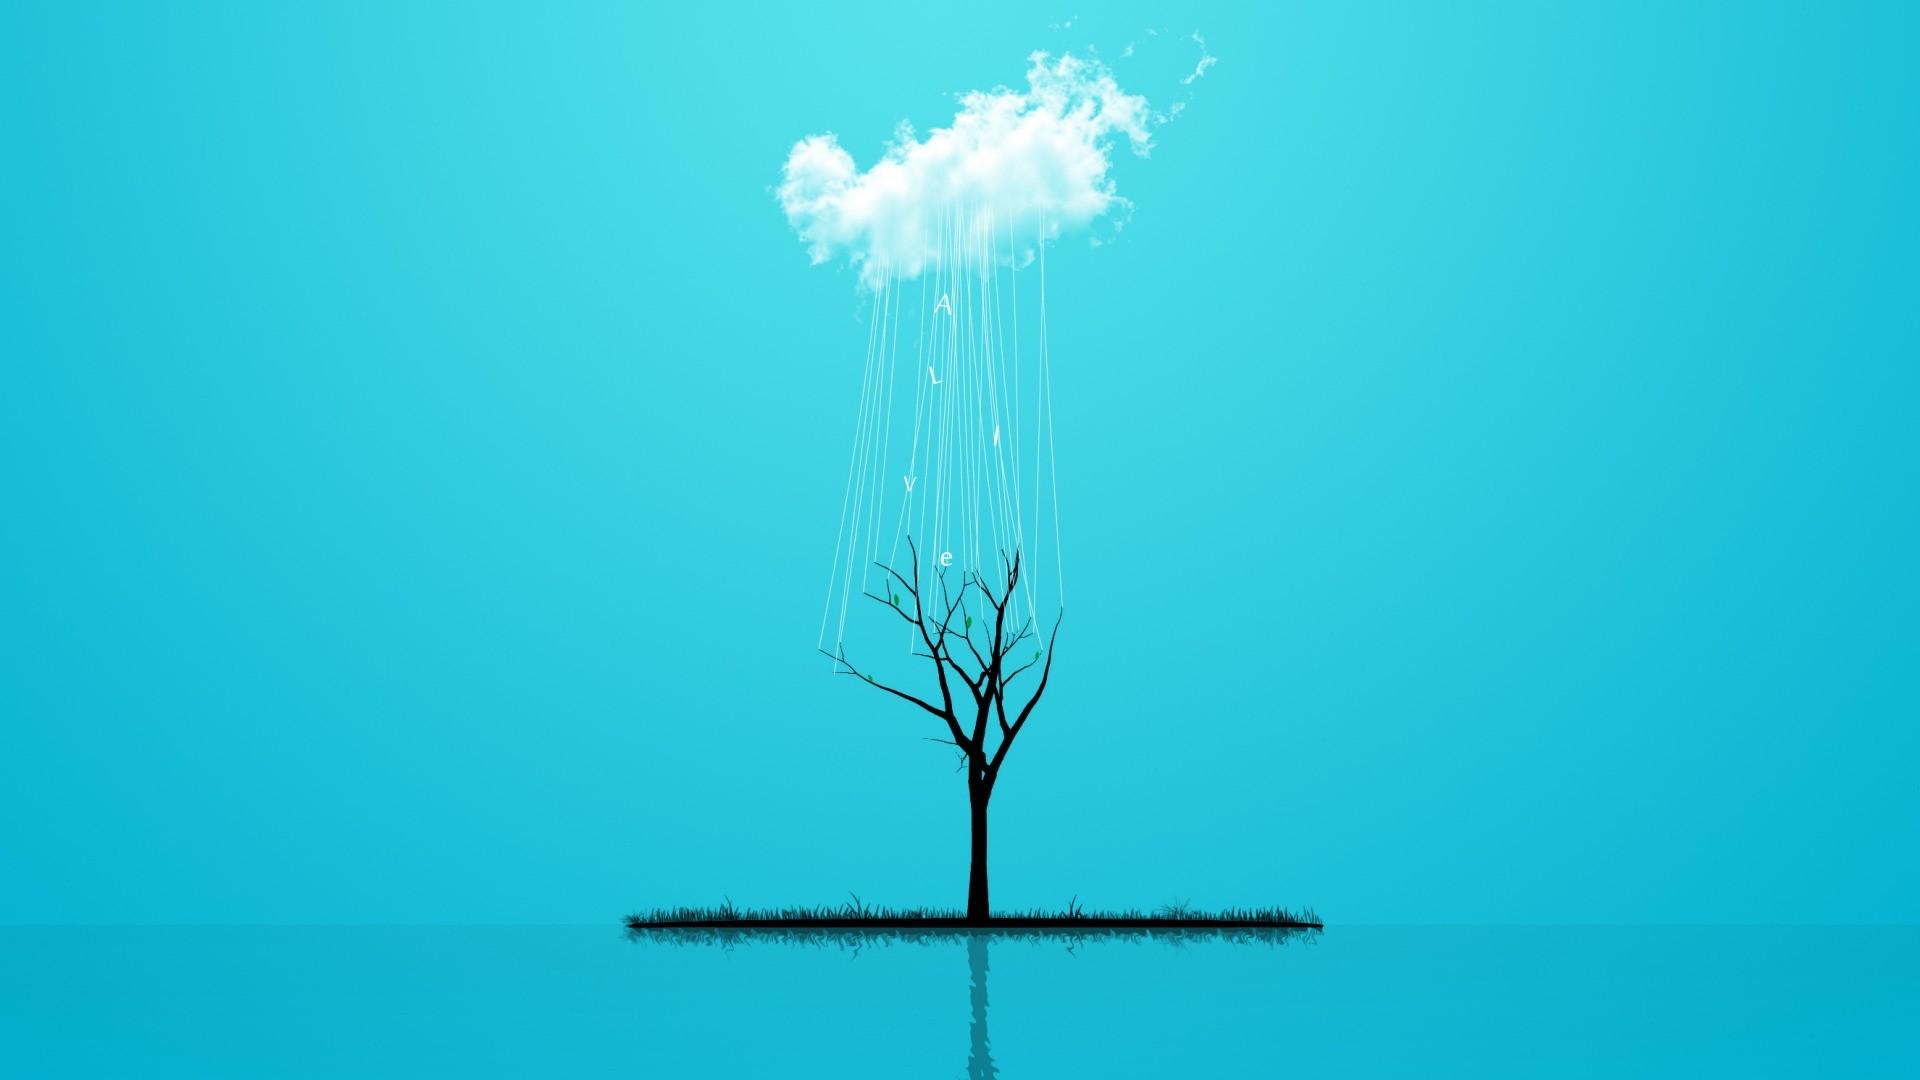 Rain Minimalist desktop wallpaper hd